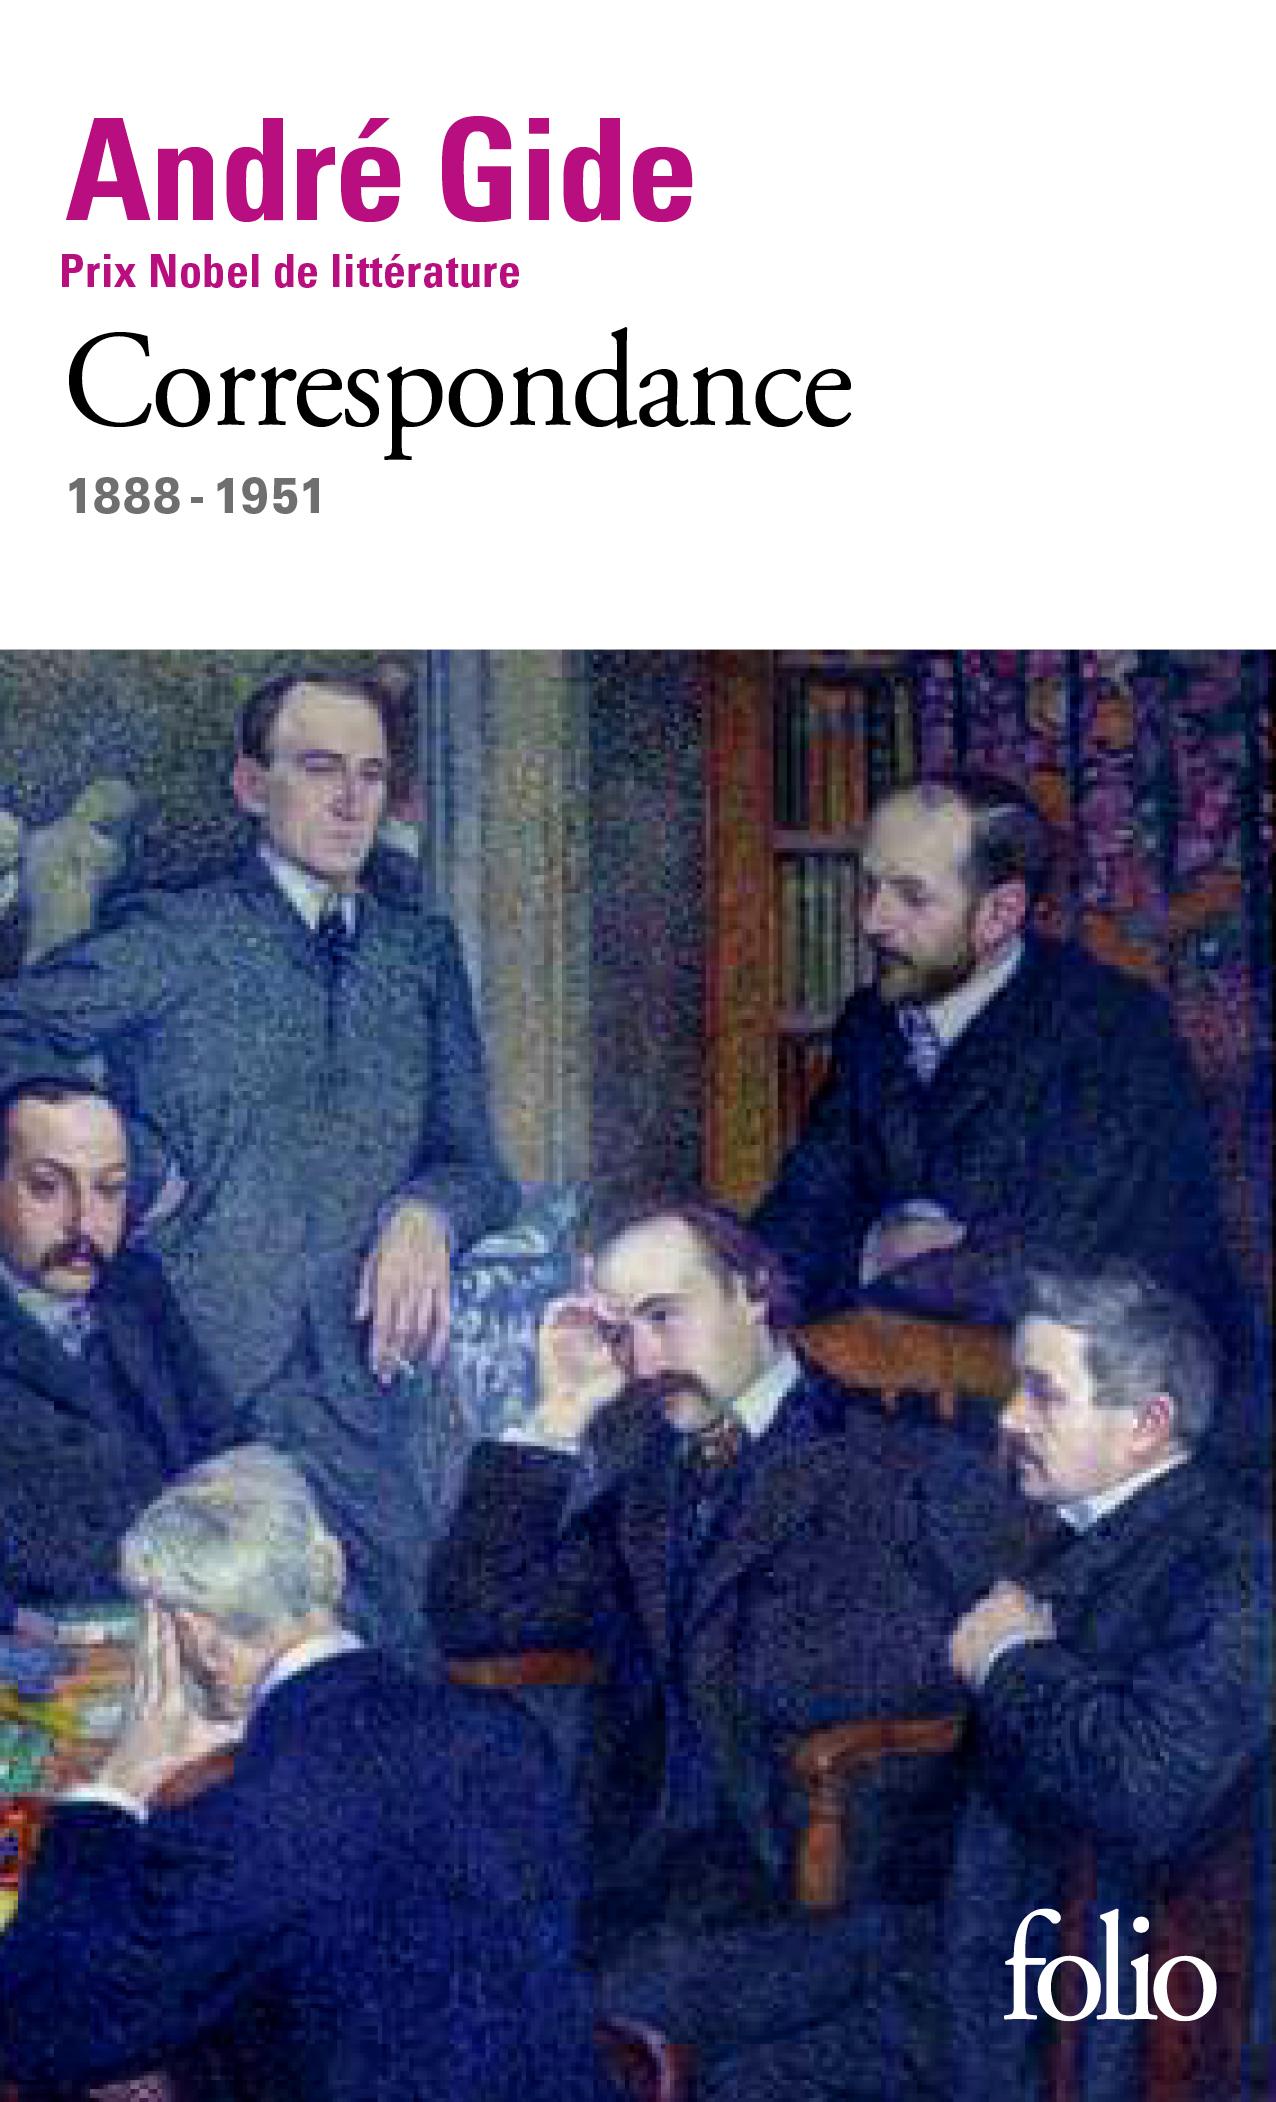 A. Gide, Correspondance (1888-1951)